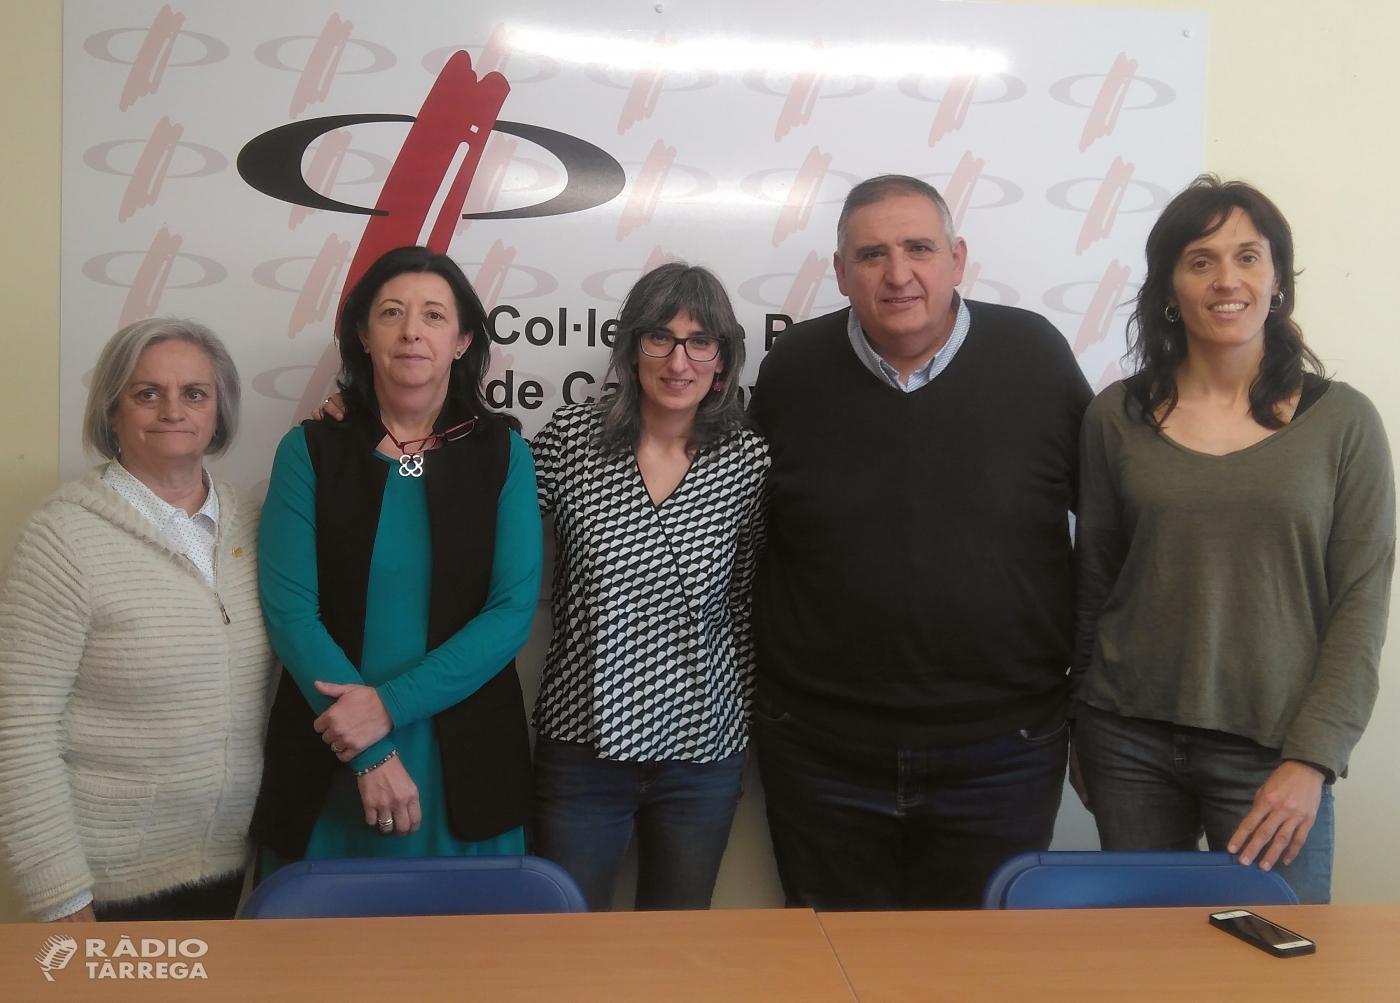 Un reportatge sobre els inicis del bàsquet femení a Tàrrega guanya un Premi Mila per la Igualtat de Gènere